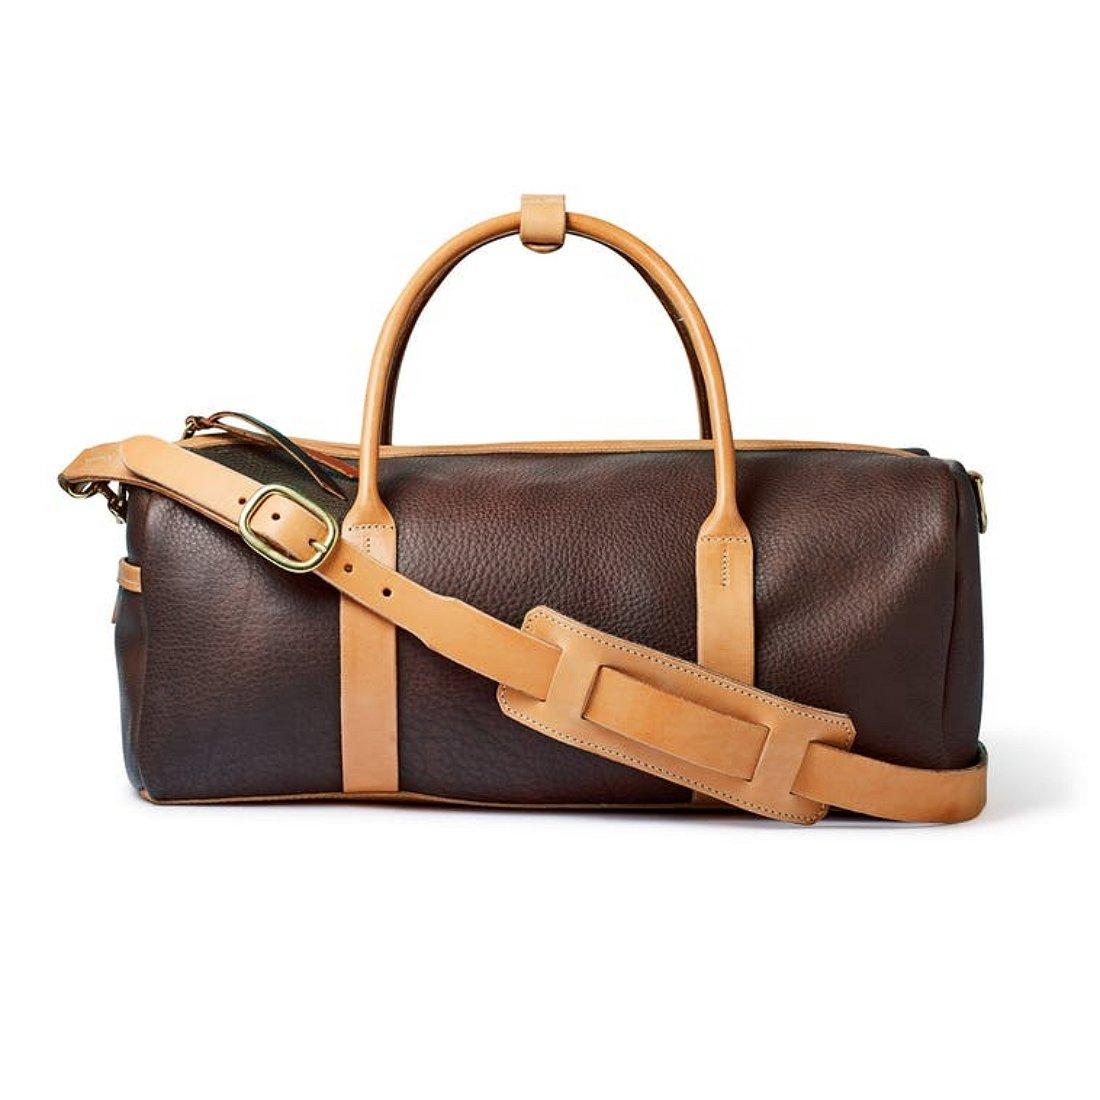 (フィルソン) Filson RANCHLANDS DUFFLE BAG ランランズダッフルバッグ [並行輸入品] B07FFNG24M